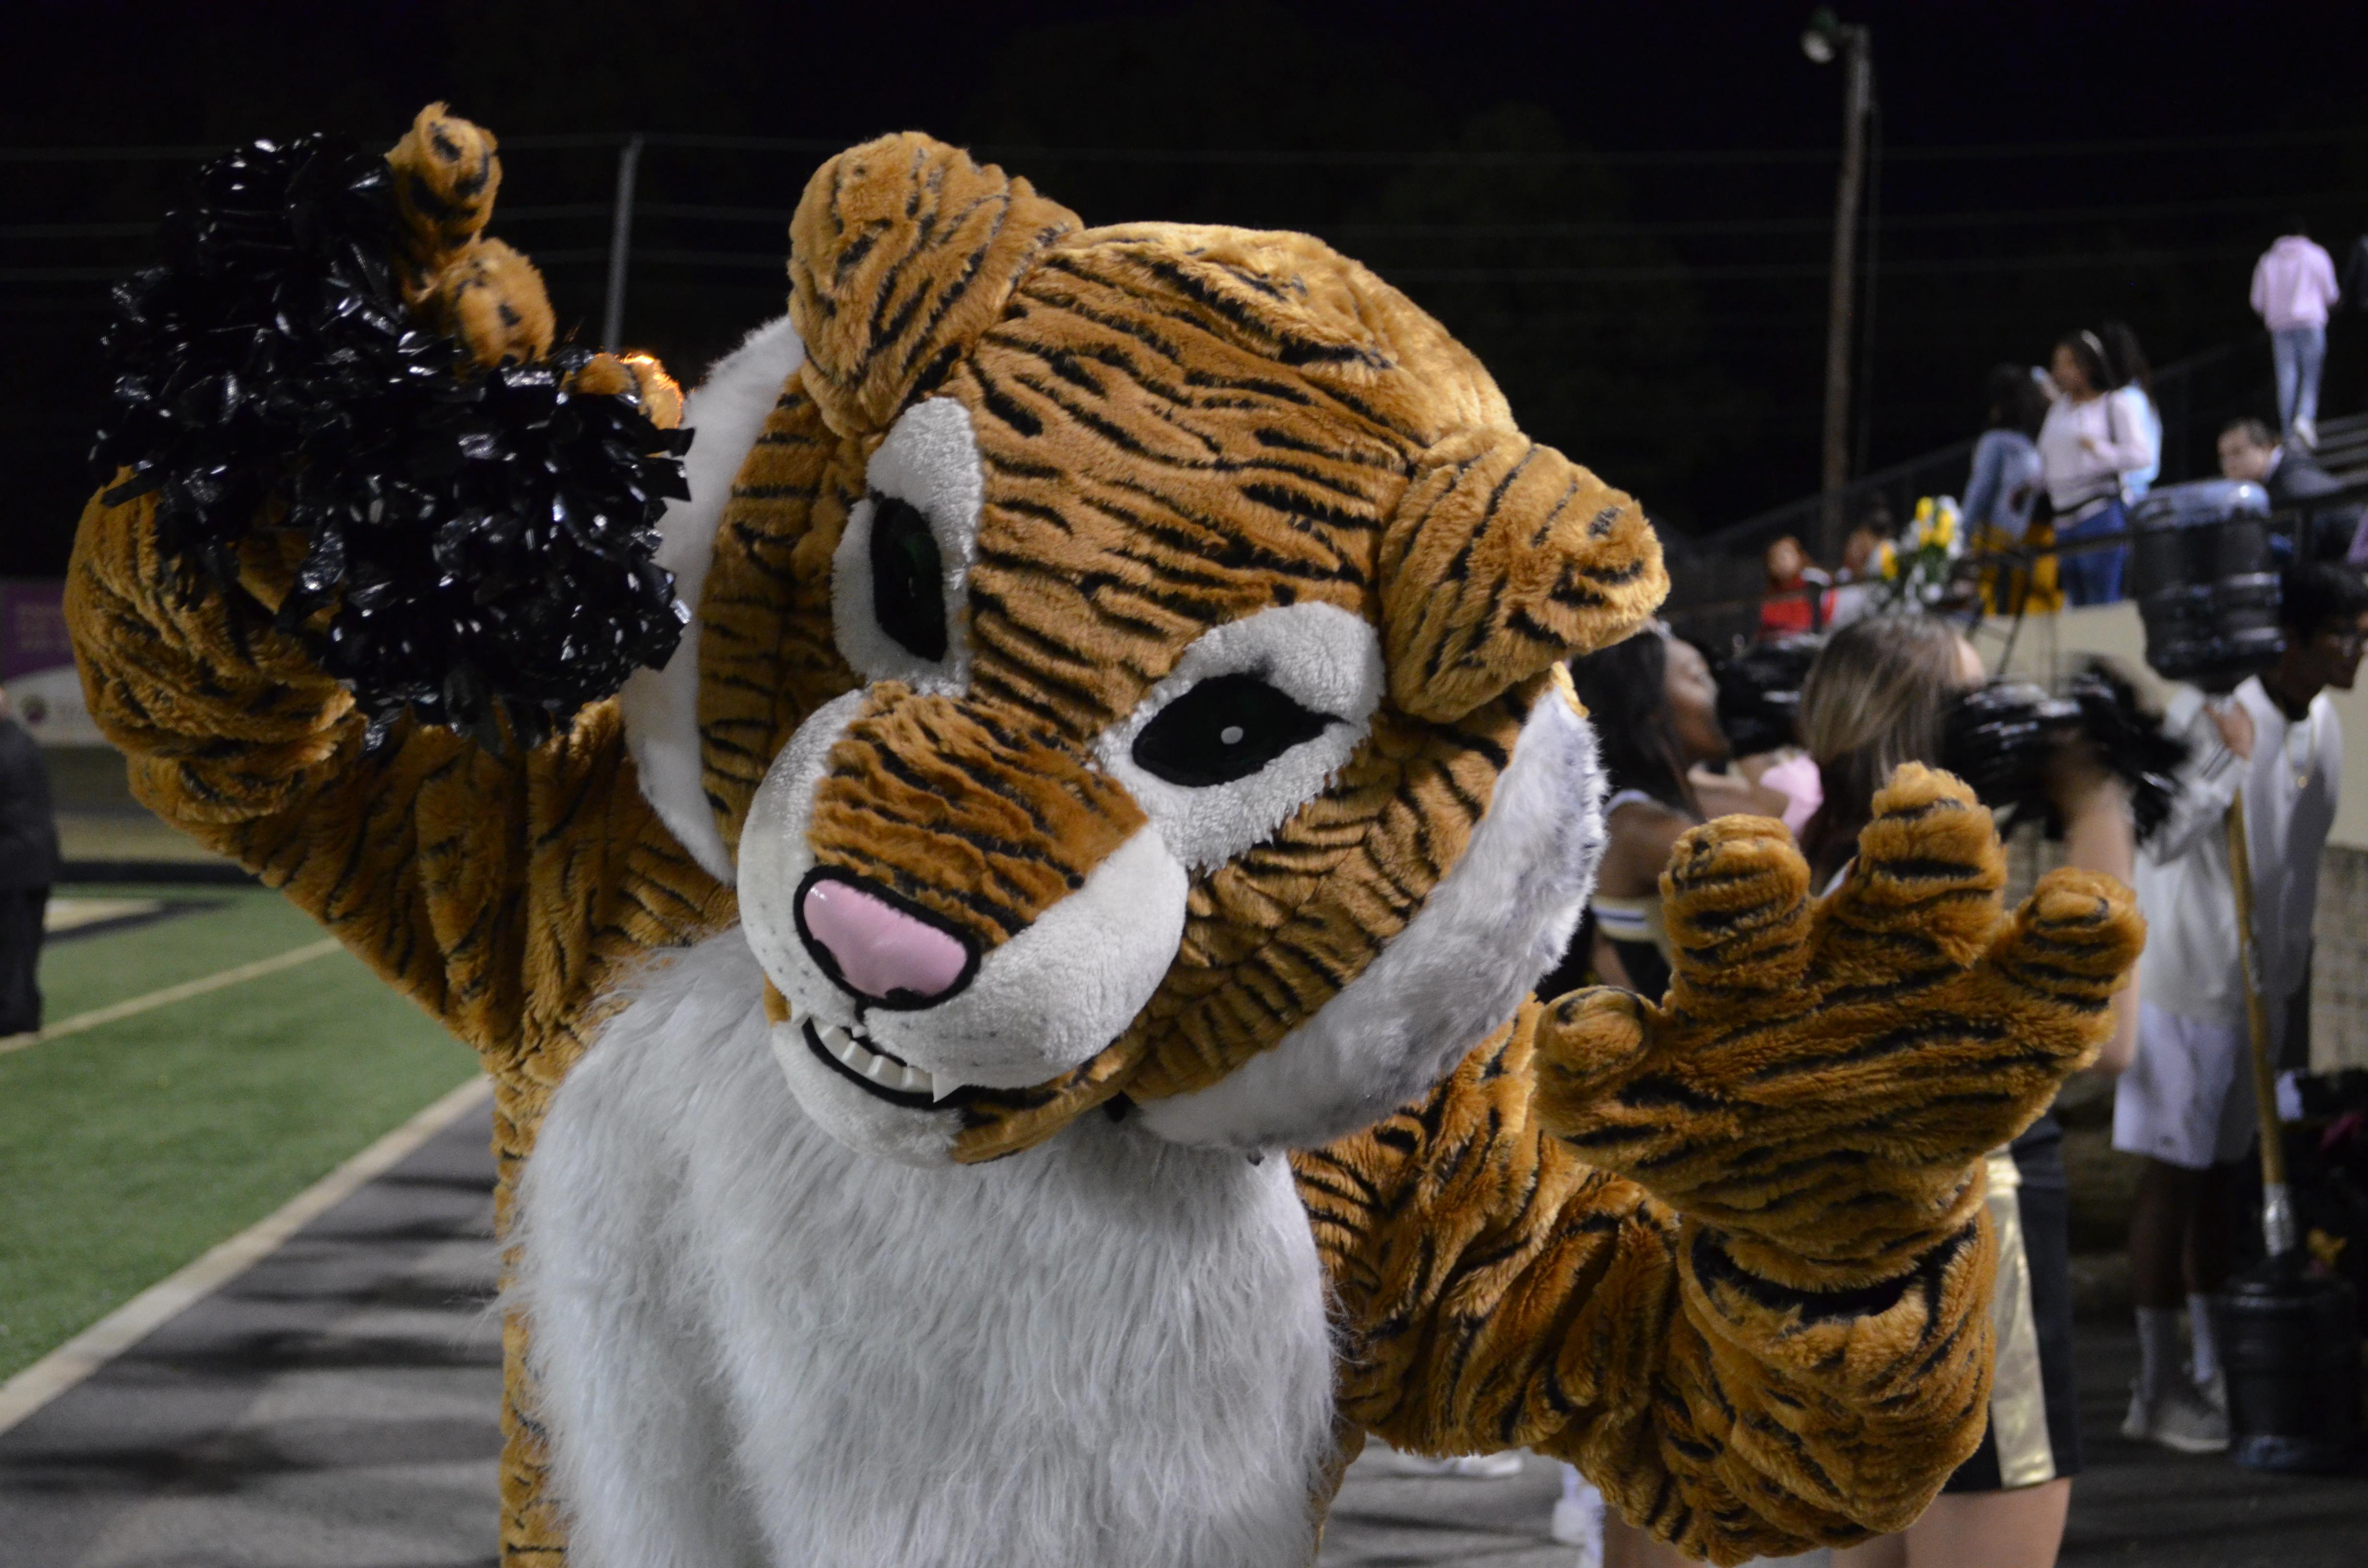 Tiger DSC_0211 photo by Annie Fortune